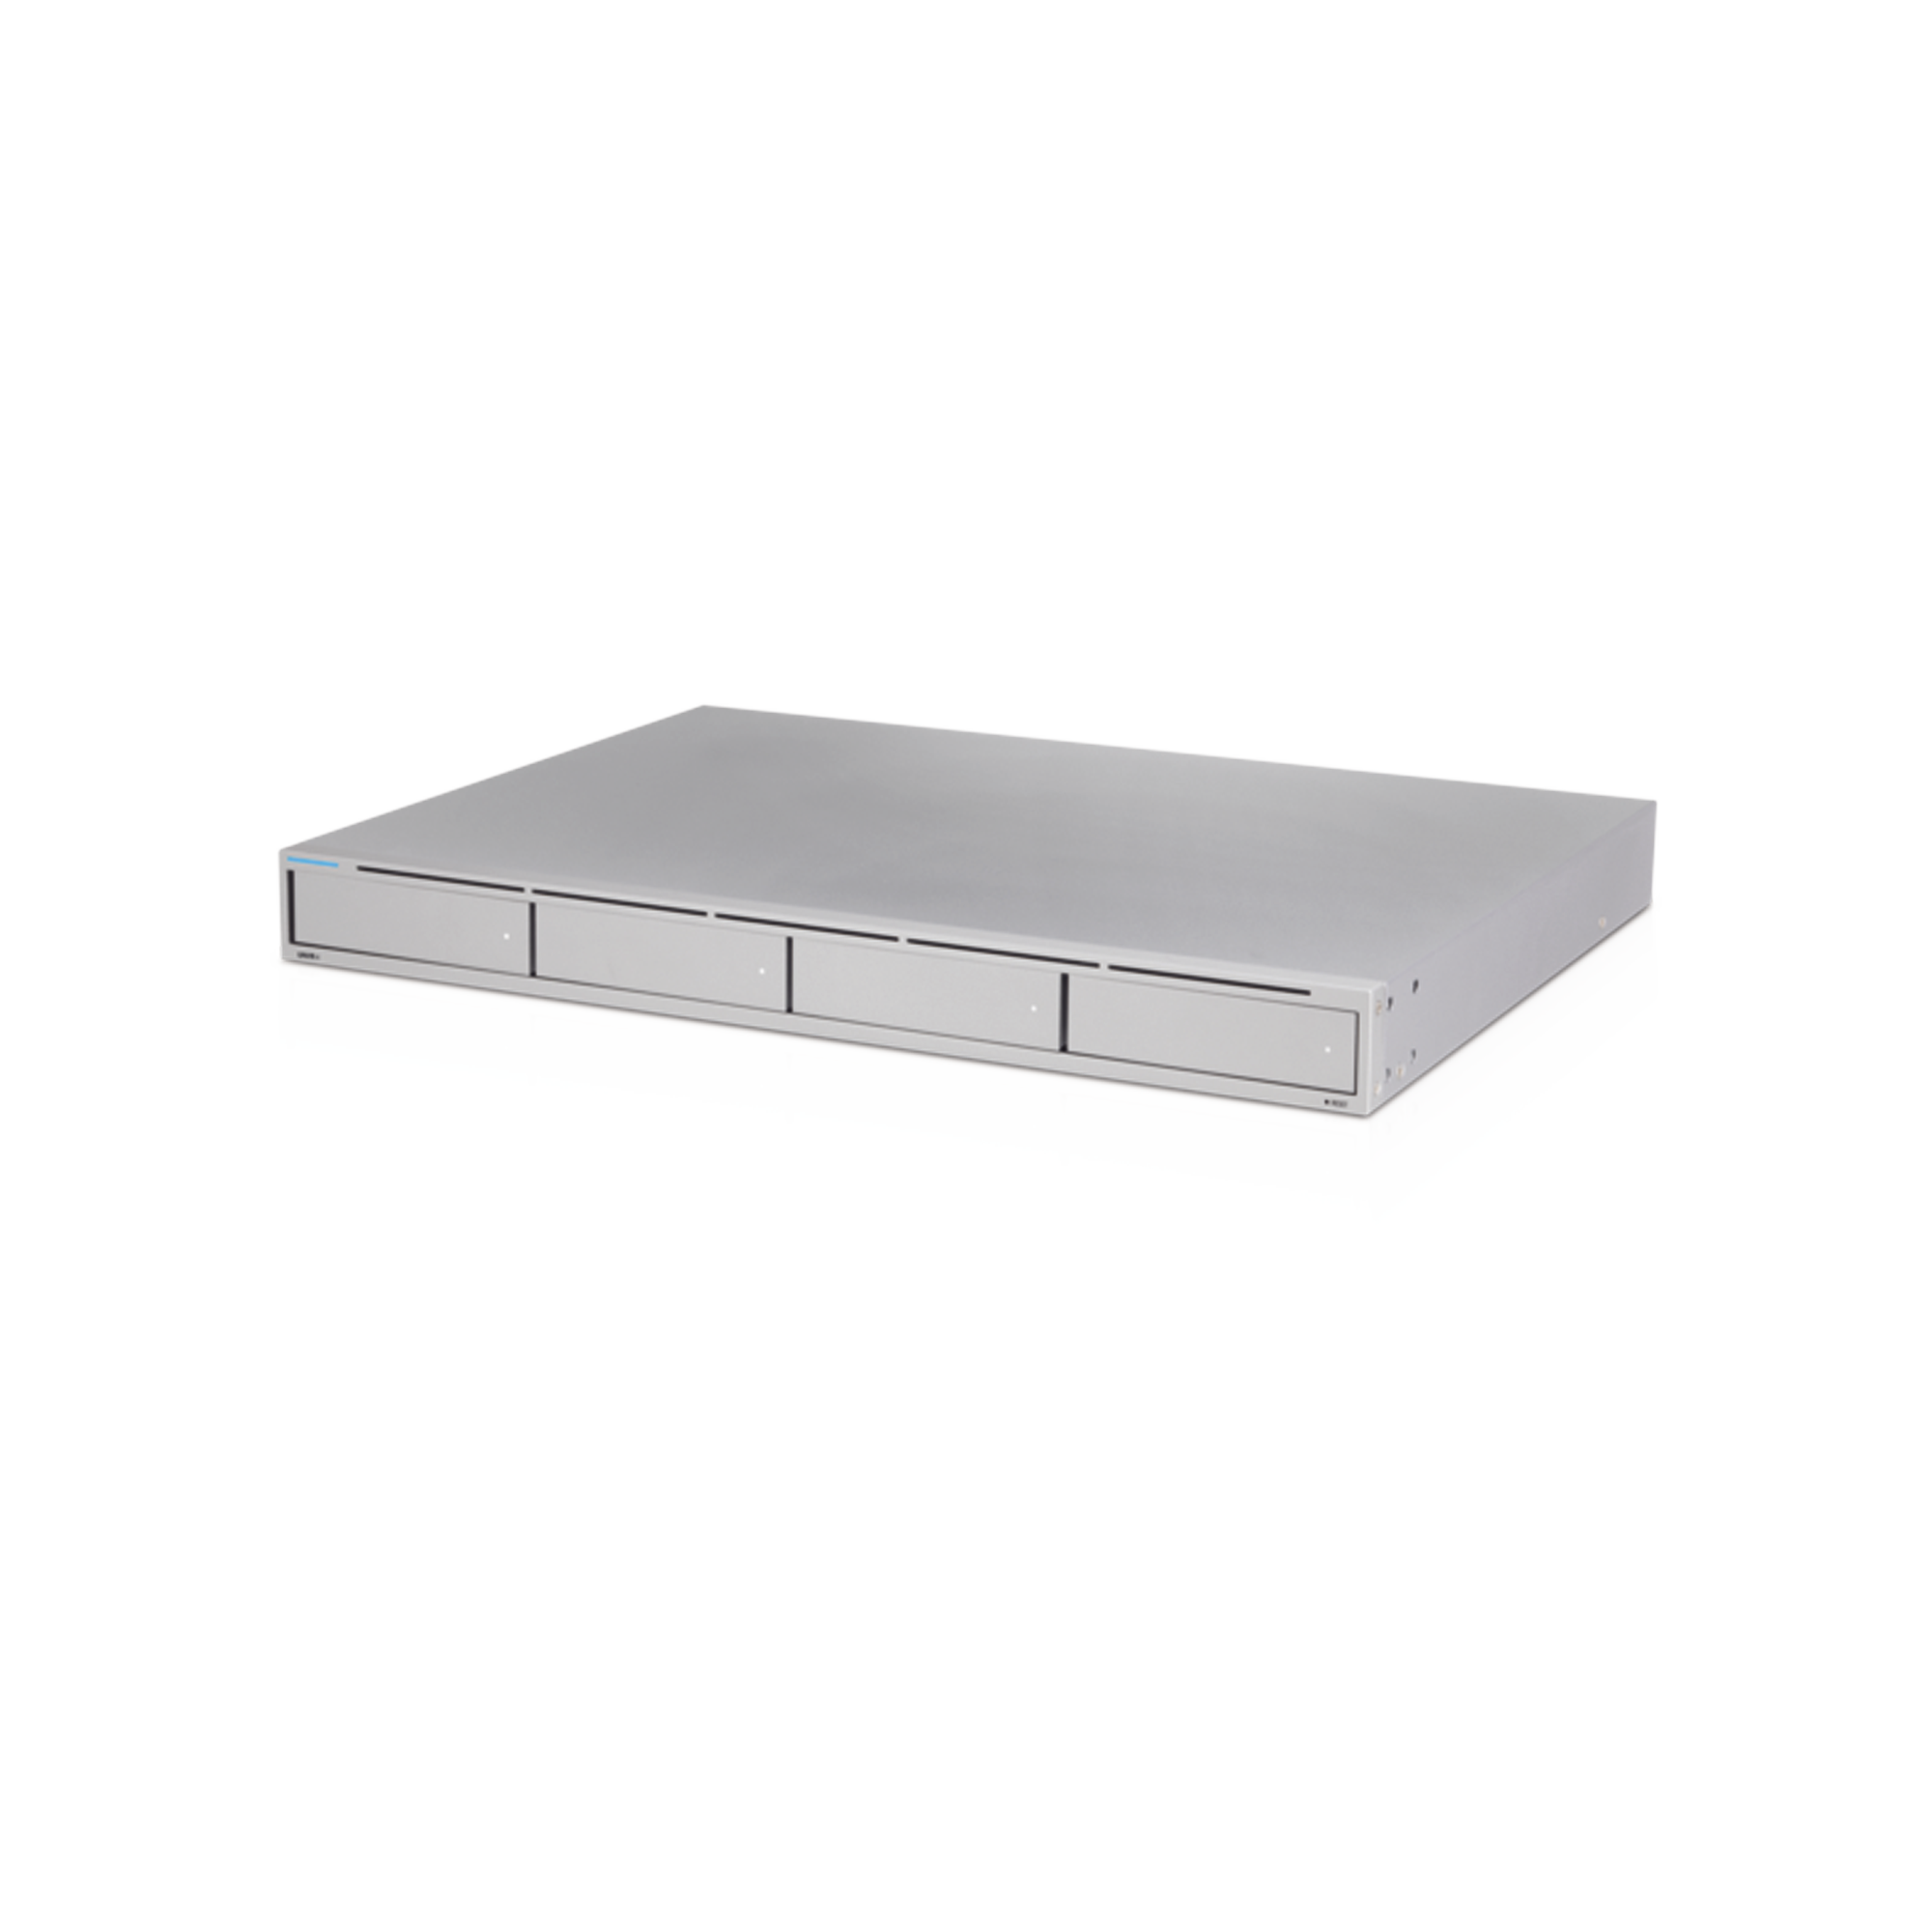 NVR Empresarial UniFi Protect de 4 Bahías de Disco Duro, recomendado para hasta 50 cámaras Full HD